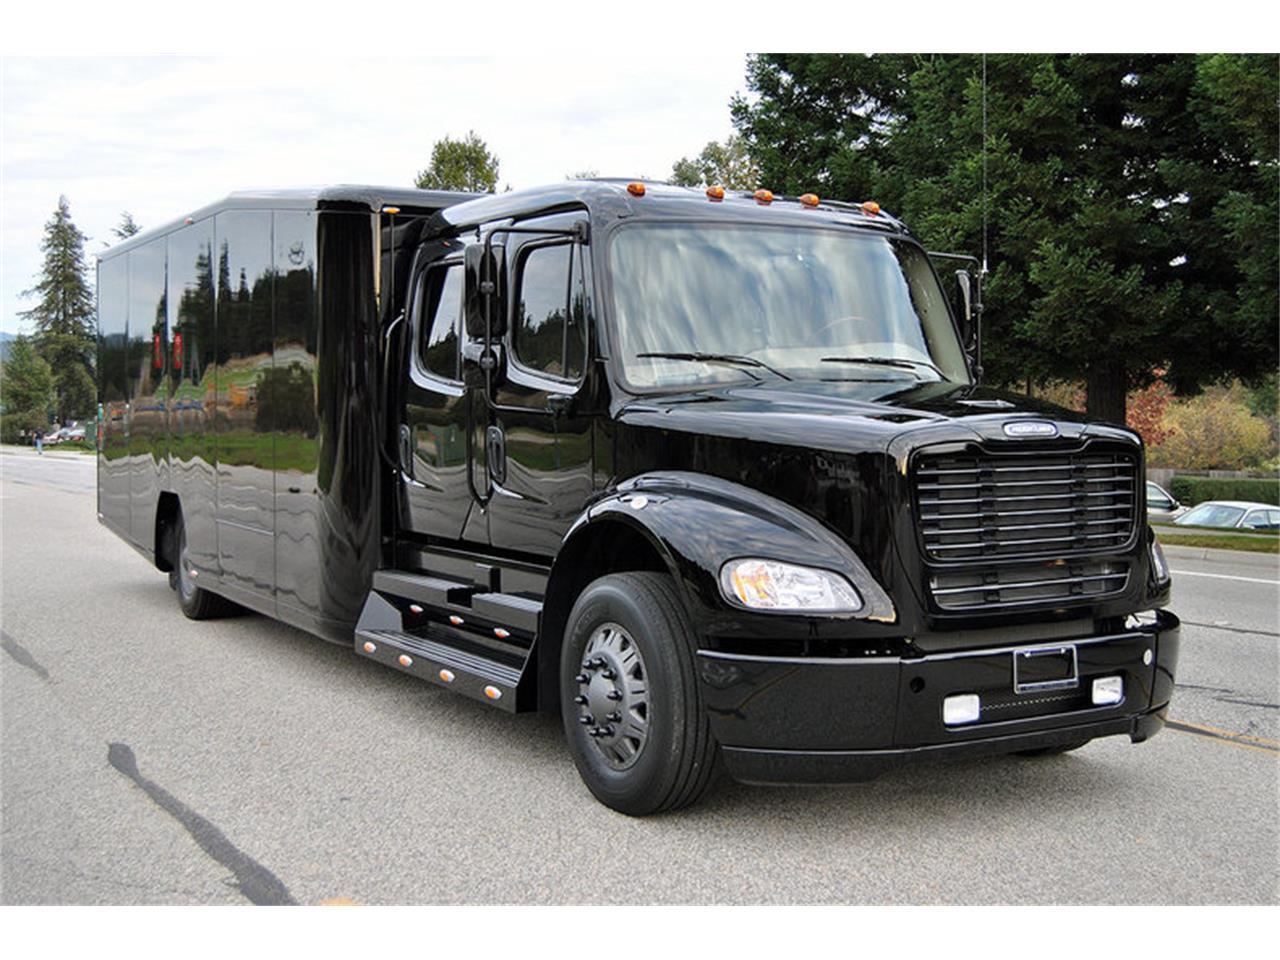 2010 Freightliner M2112 Single Car Transporter for Sale